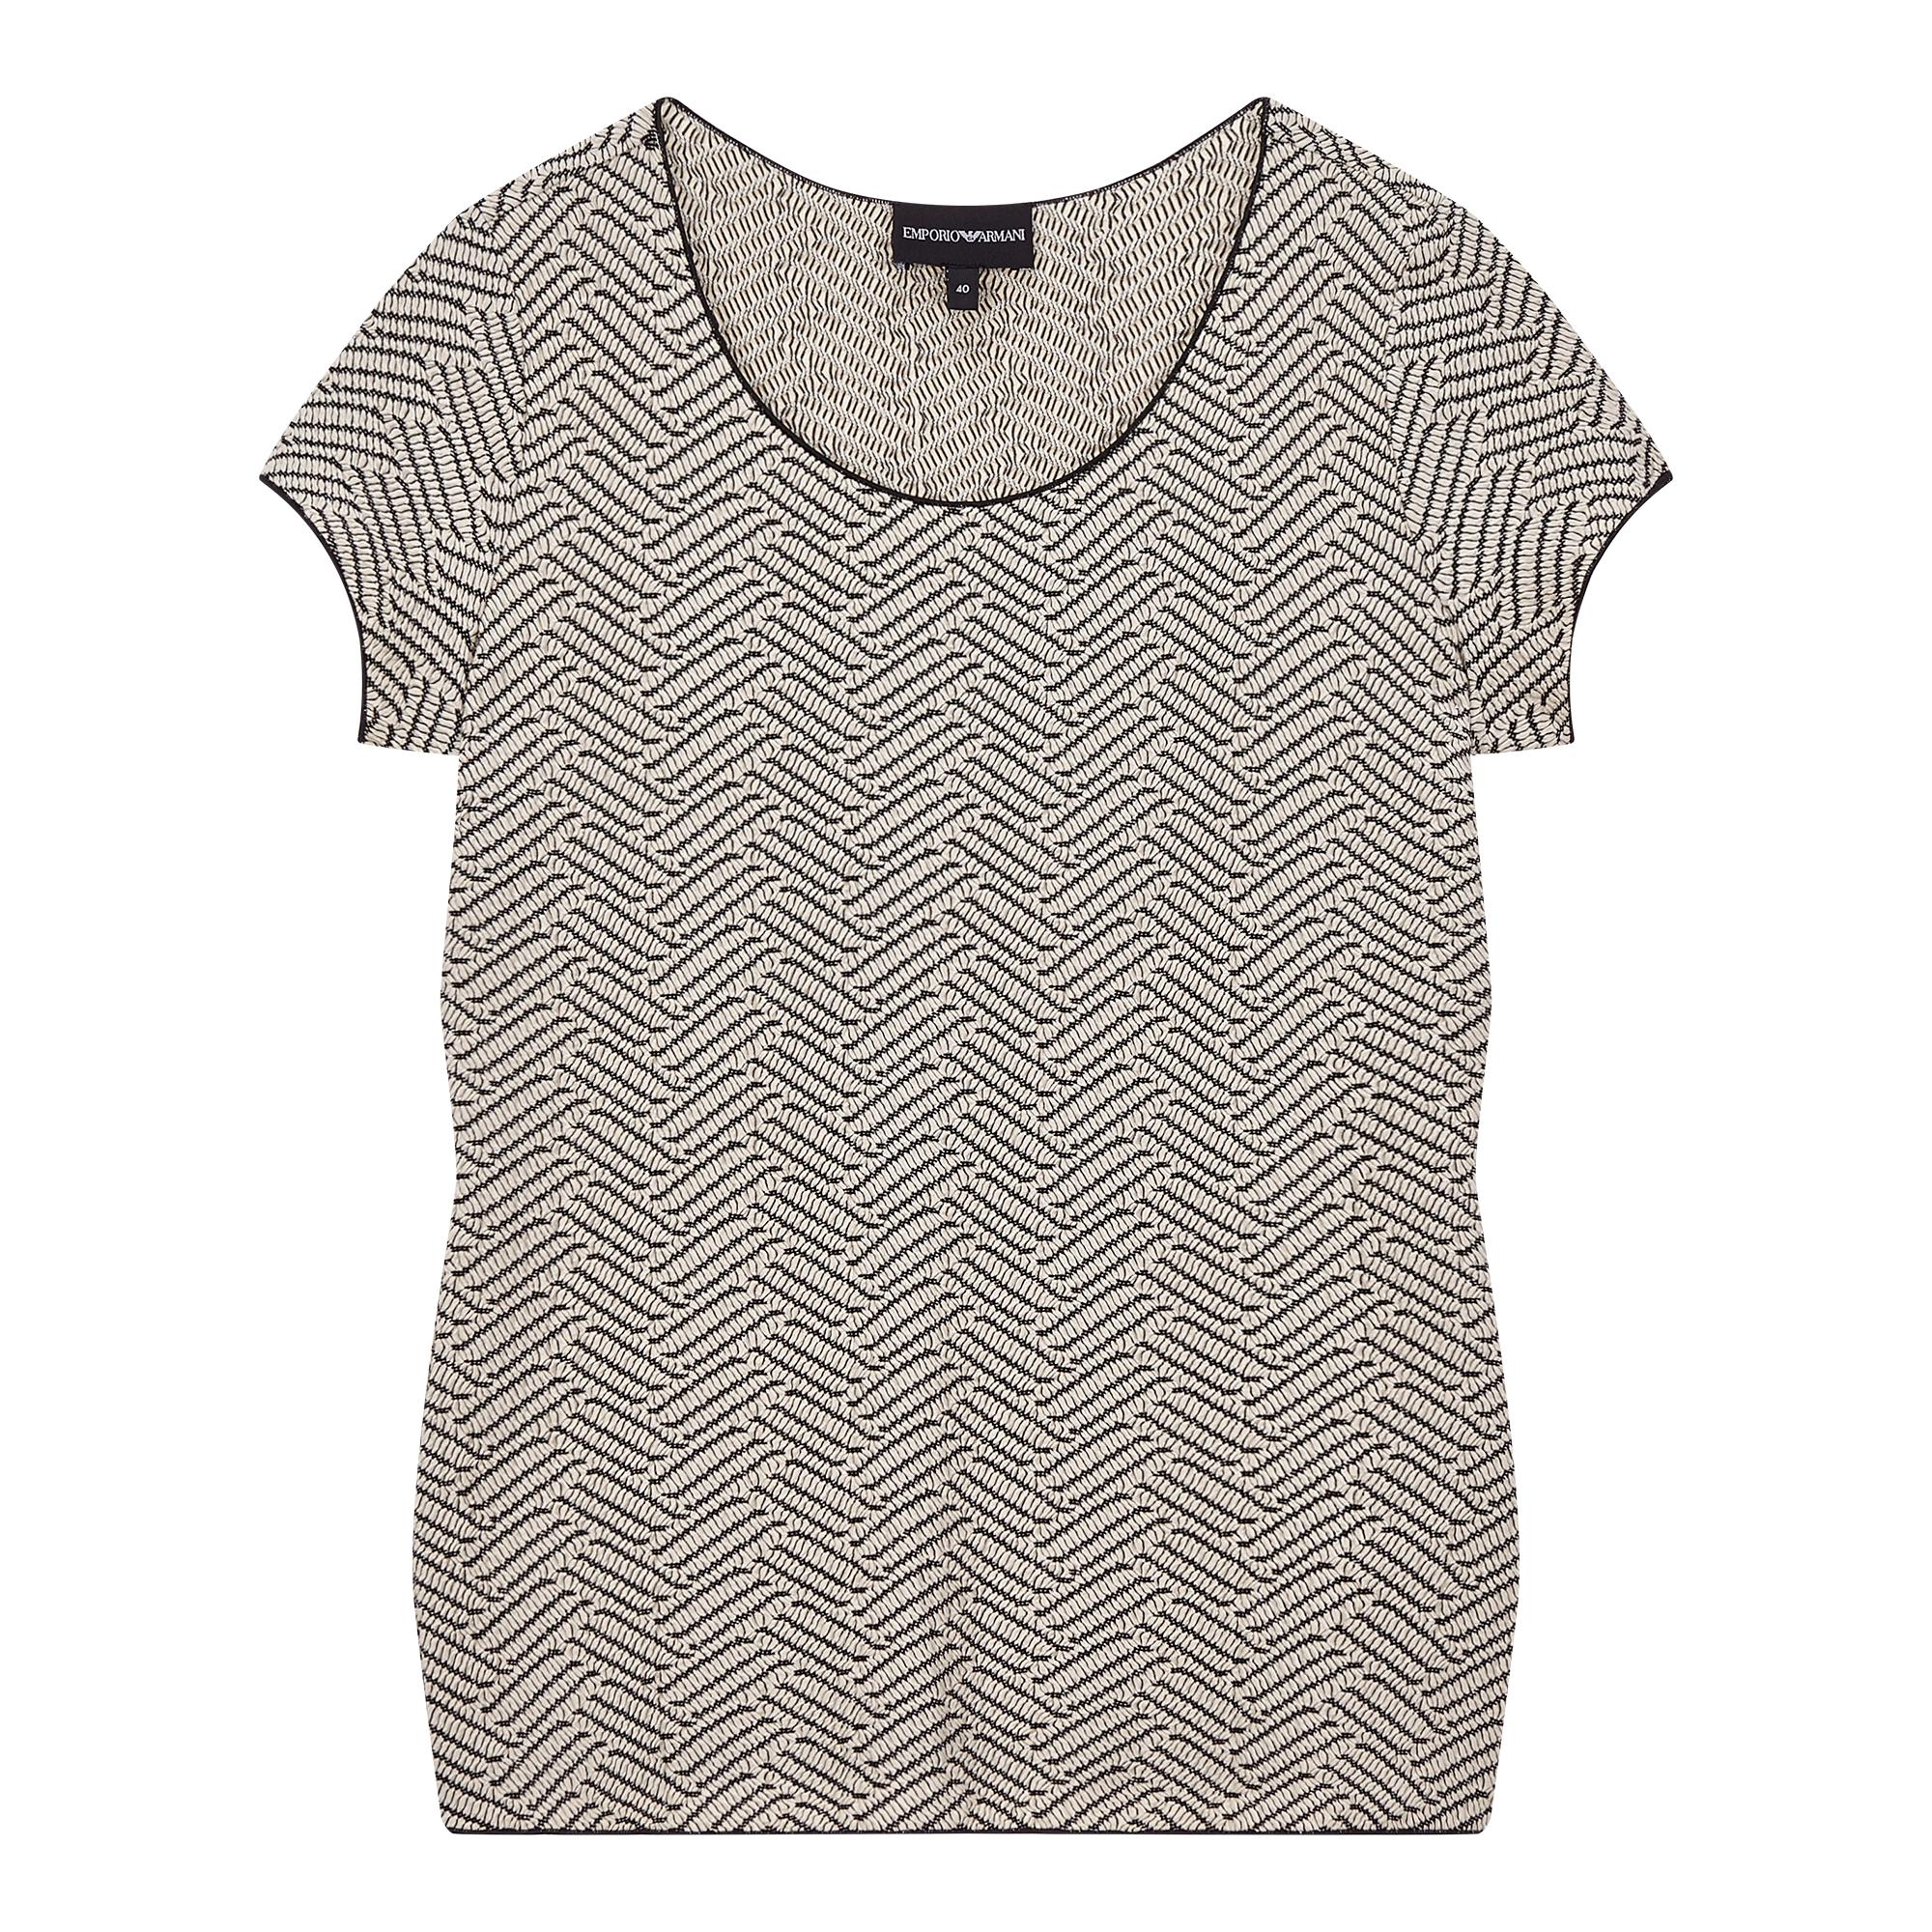 사선 패턴 라운드 티셔츠